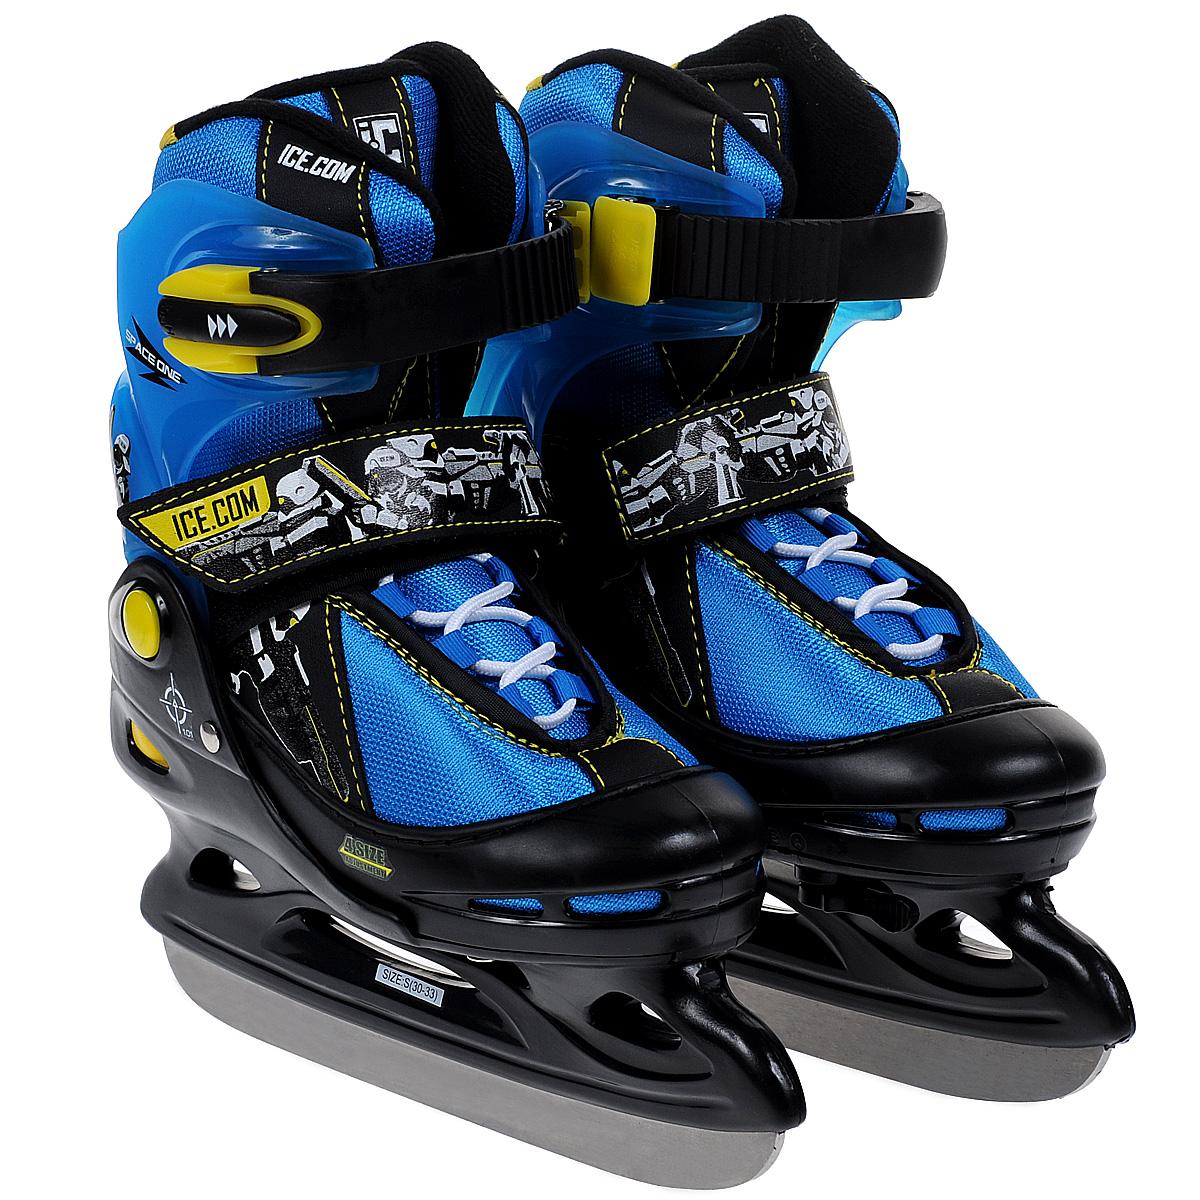 Коньки ледовые для мальчика Ice. Com Space, раздвижные, цвет: черный, синий. Размер 30/33SpaceЯркие ледовые коньки для мальчика Space от Ice. Com отлично подойдут для начинающих обучаться катанию. Ботинок Comfortable Fit очень хорошо держит ногу и при этом, позволит чувствовать удобство во время катания. Он изготовлен из морозостойкого пластика, который защитит ногу от ударов, и прочного нейлона со вставками из ПВХ и поролоновым утеплителем. Четкую фиксацию голени обеспечивают шнуровка Quick Lace, застежка на липучке Velcro и застежка с фиксатором Power Strap. Стальное хоккейное лезвие обеспечит превосходное скольжение.Особенностью коньков является раздвижная конструкция, которая позволяет увеличивать длину ботинка на 4 размера по мере роста ноги ребенка.Для того, чтобы Вам максимально точно подобрать размер коньков, узнайте длину стопы с точностью до миллиметра. Для этого поставьте босую ногу на лист бумаги А4 и отметьте на бумаге самые крайние точки Вашей стопы (пятка и носок). Затем измерьте обычной линейкой расстояние (до миллиметра) между этими отметками на бумаге. Не забудьте учесть 2-3 мм запаса под носок.